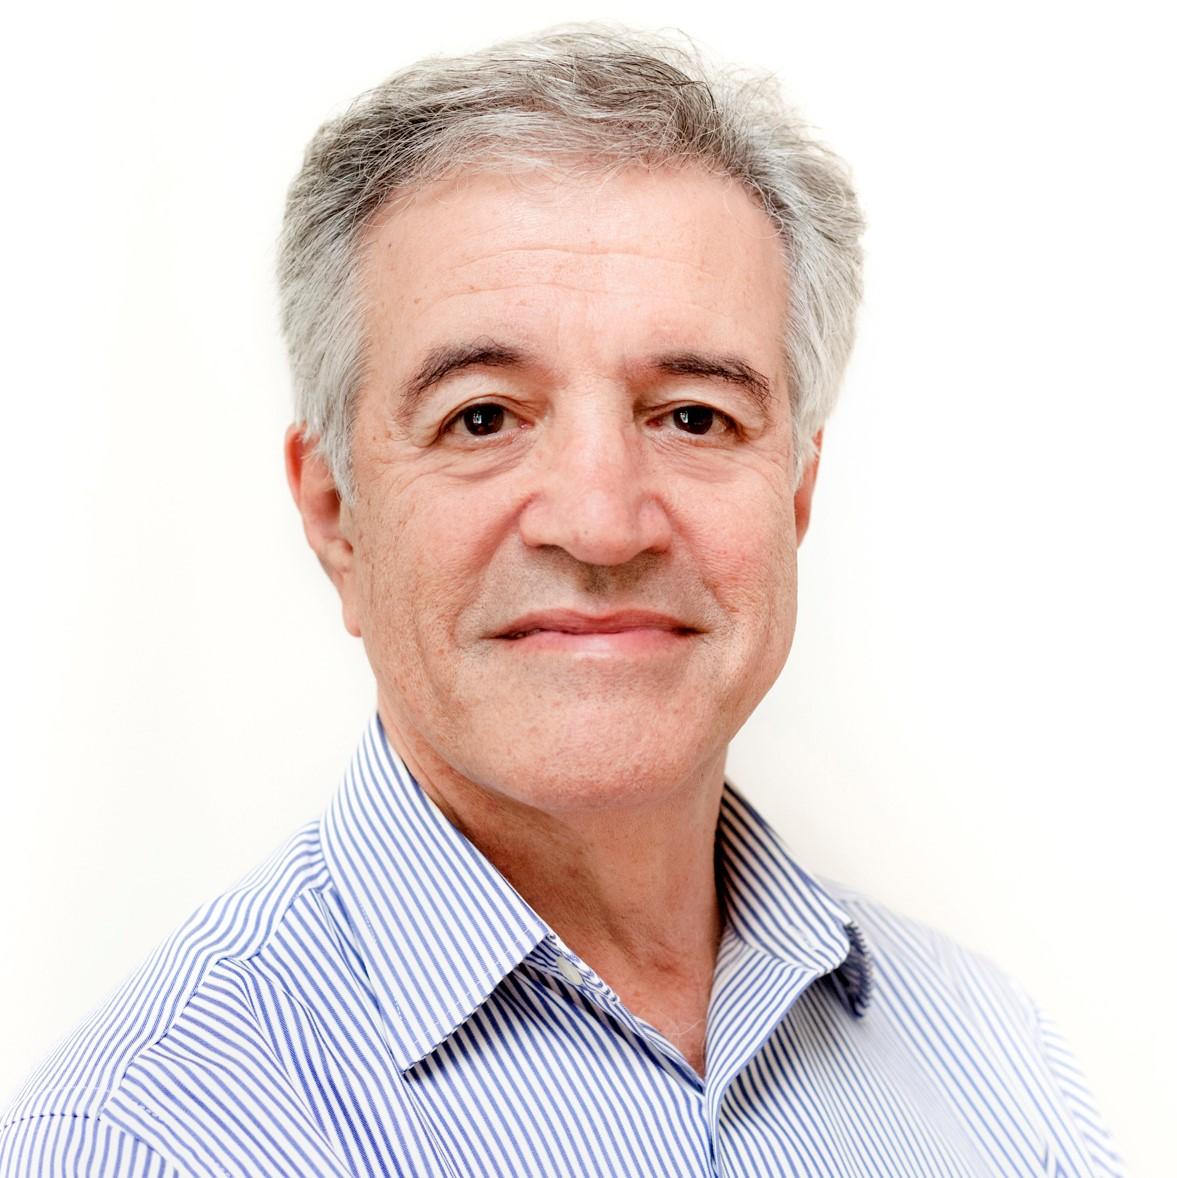 Dr Colin Mendelsohn